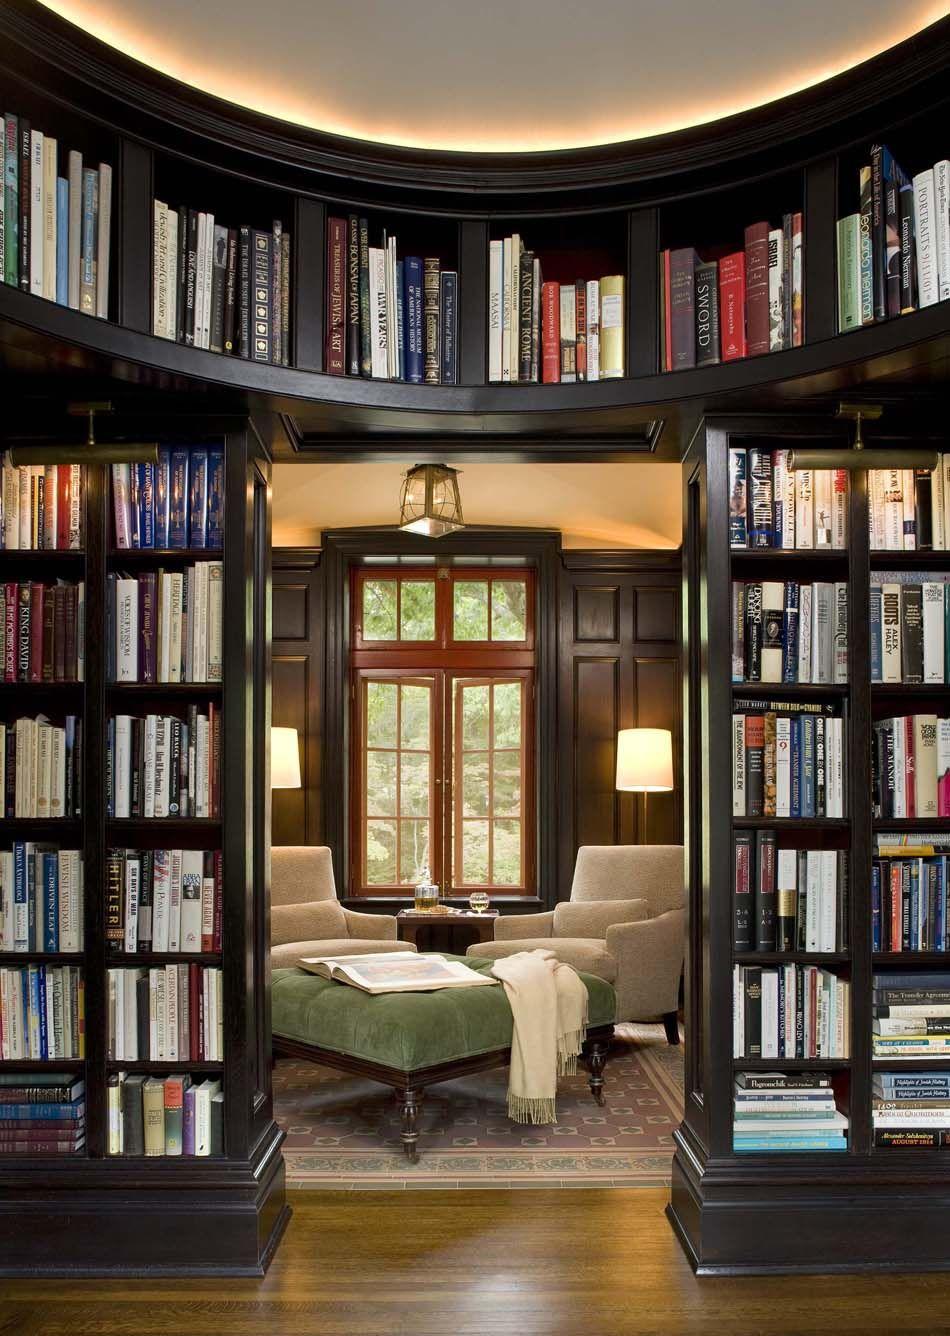 grande bibliotheque a la maison avec un espace agreablement amenage pour y lire